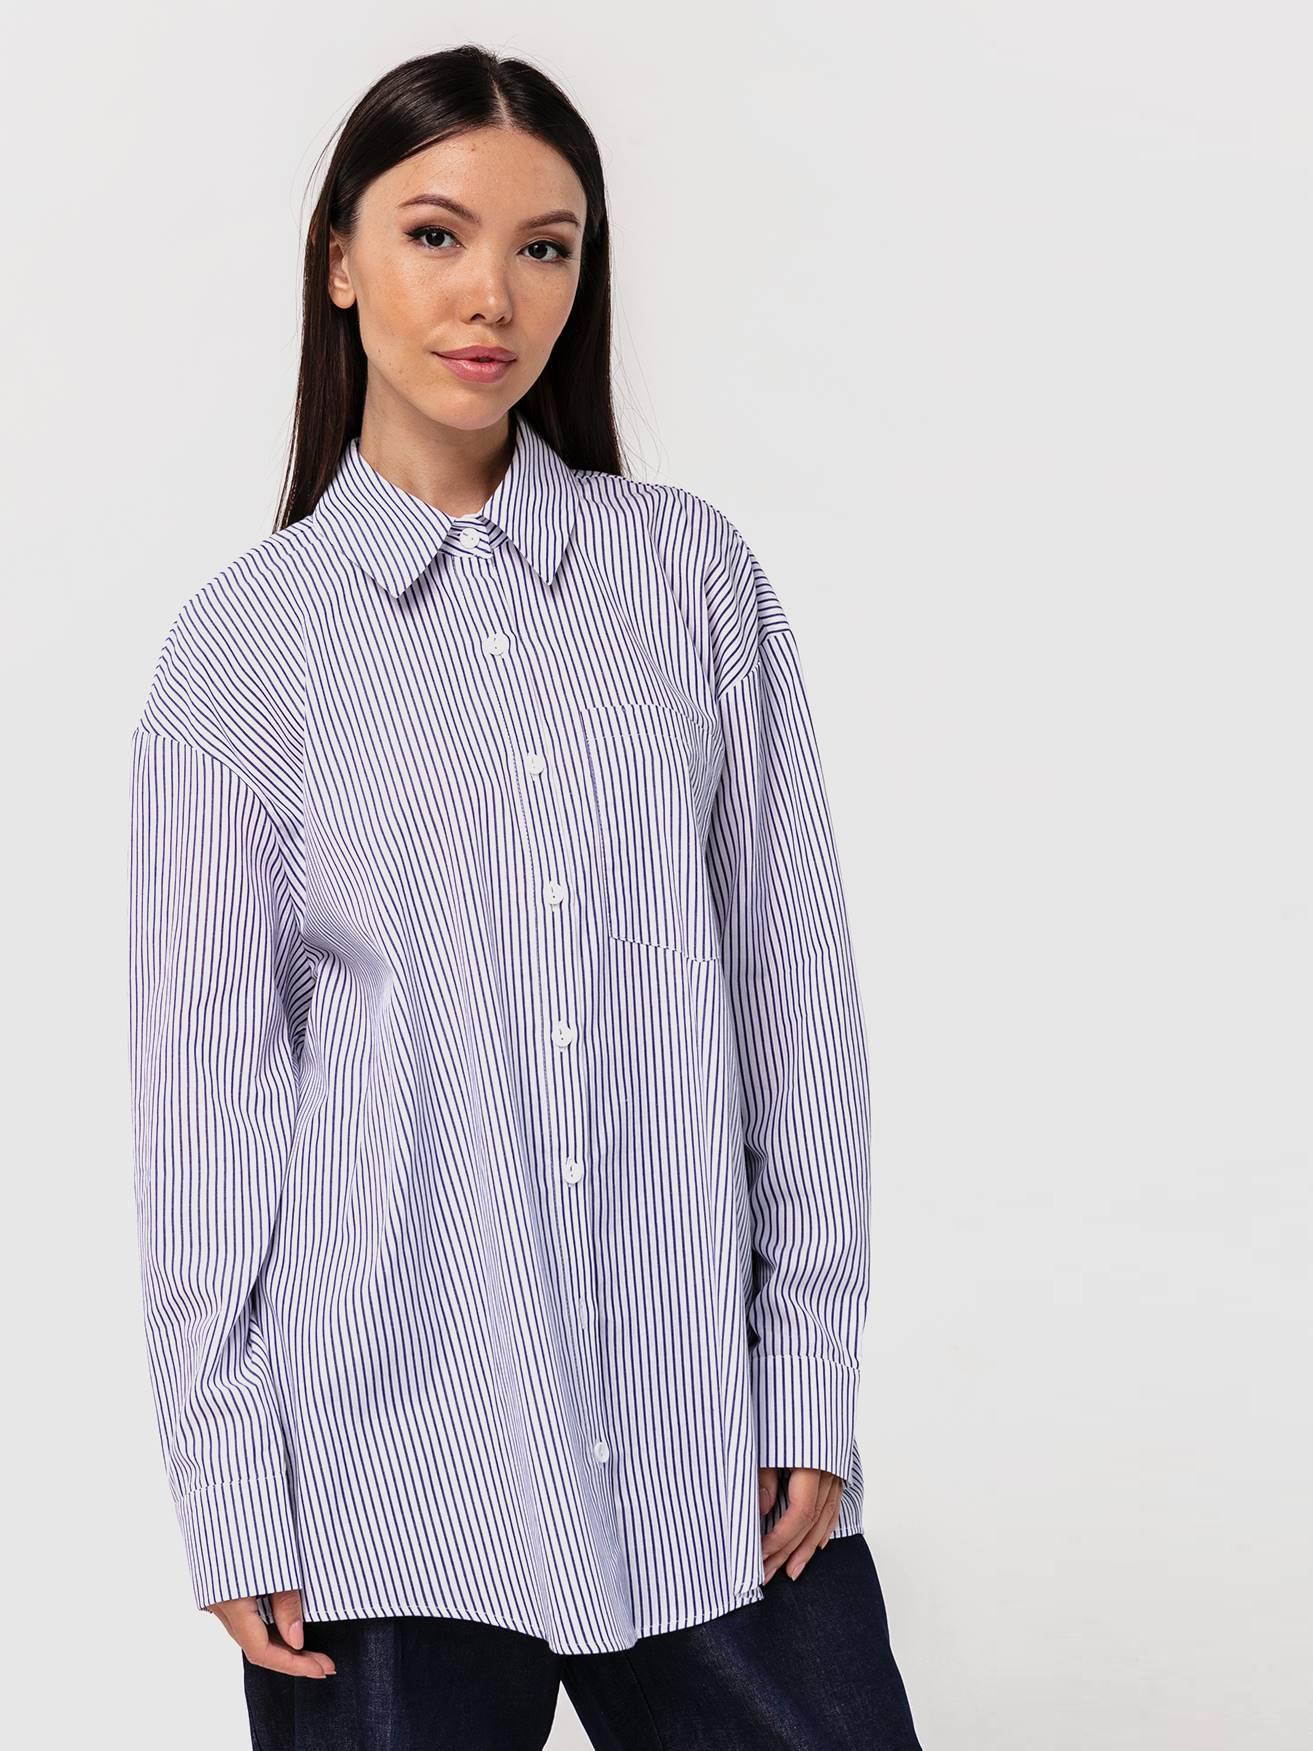 Хлопковая рубашка бойфренда в полоску с длинными рукавами YOS